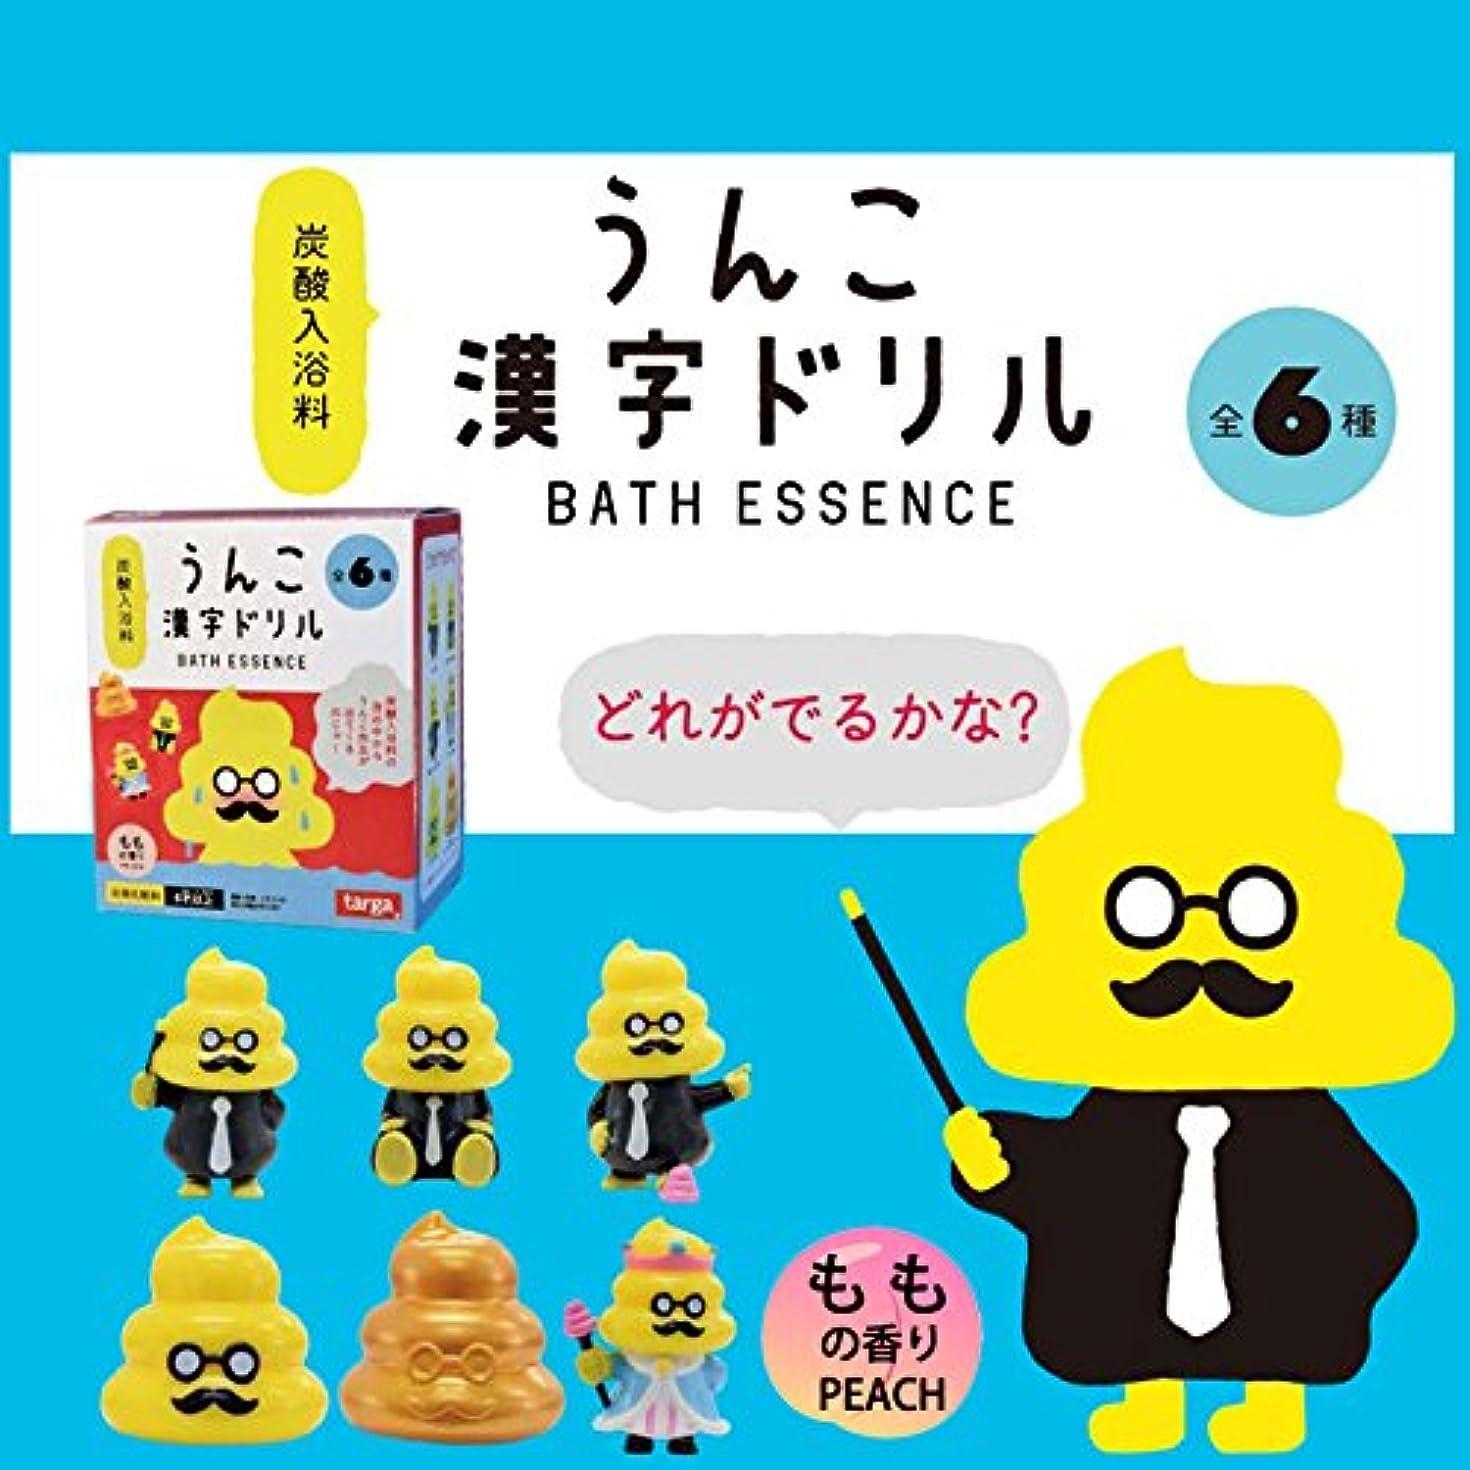 腐った言い直すご予約うんこ漢字ドリル 炭酸入浴料 6個1セット 入浴剤